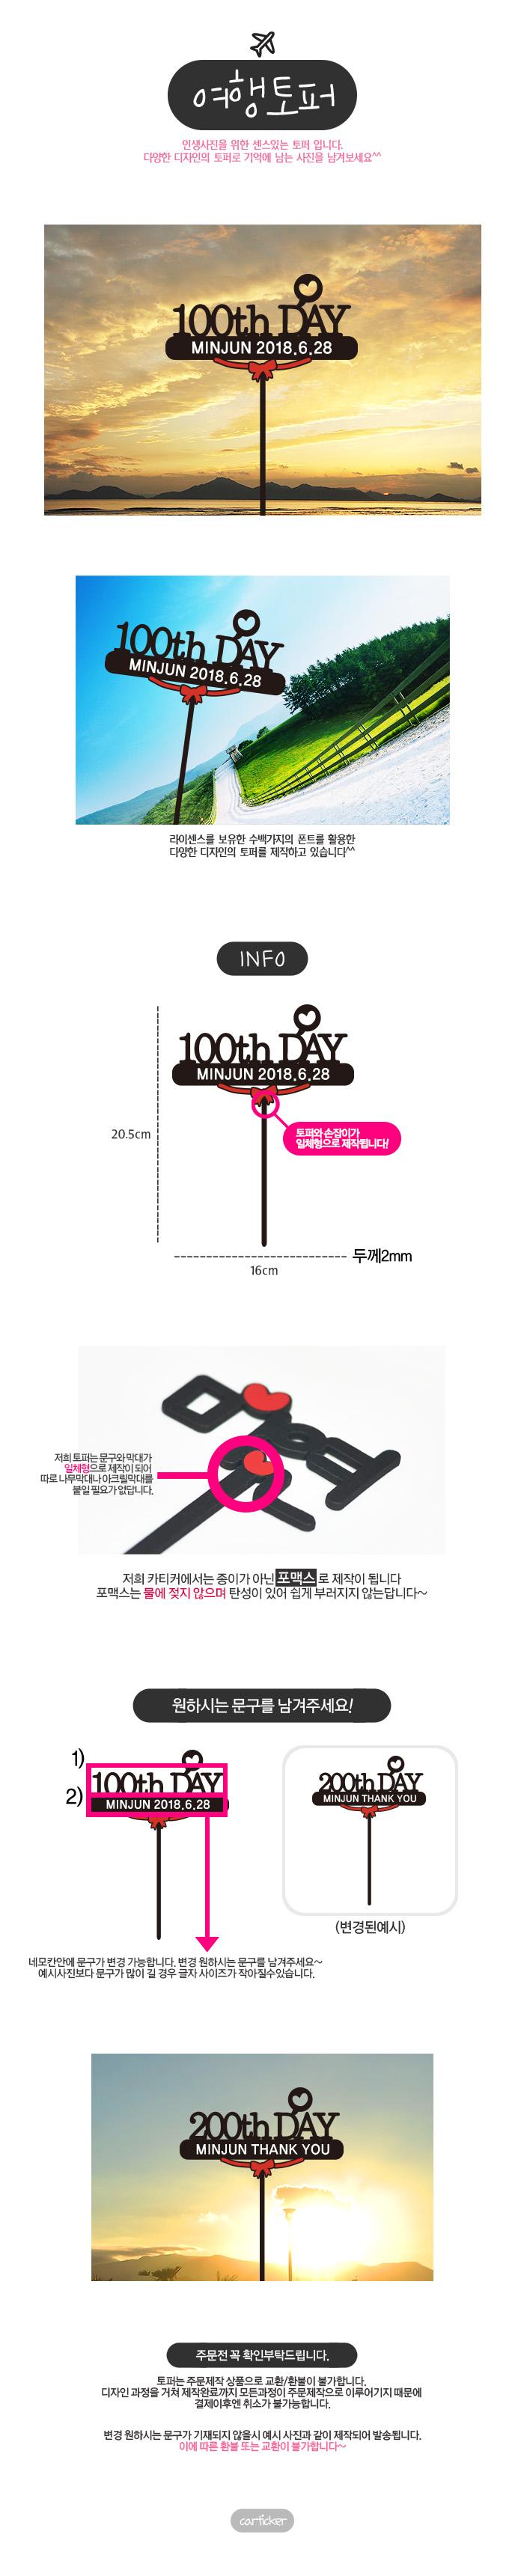 100TH DAY TO14- 여행토퍼 케이크토퍼 자유문구수정 - 카티커, 4,900원, 파티용품, 데코/장식용품